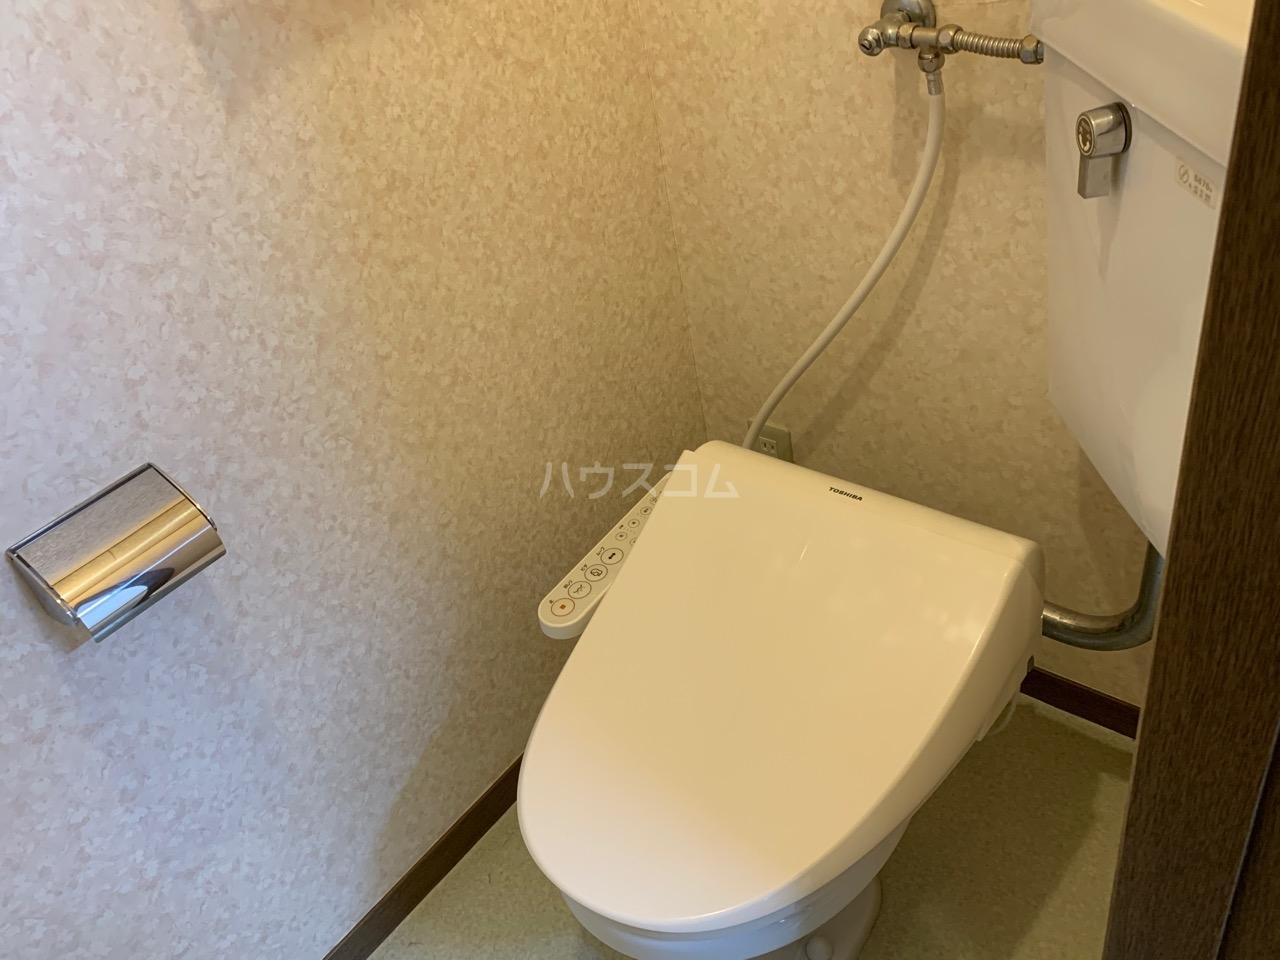 カトレアハイツ 2-C号室のトイレ